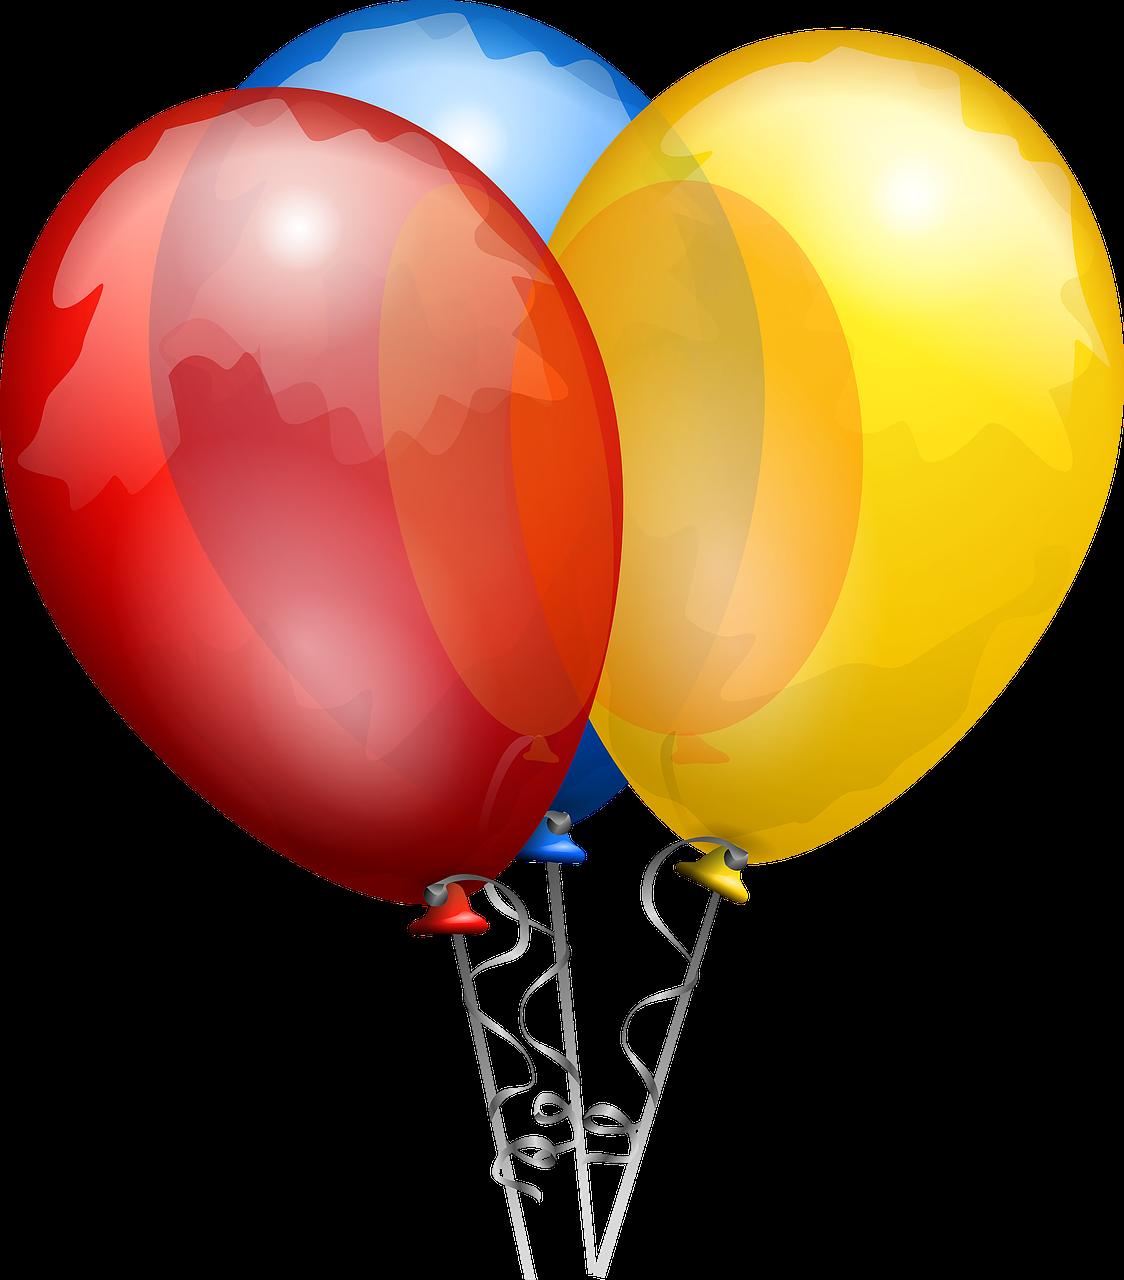 balloons-25737_1280